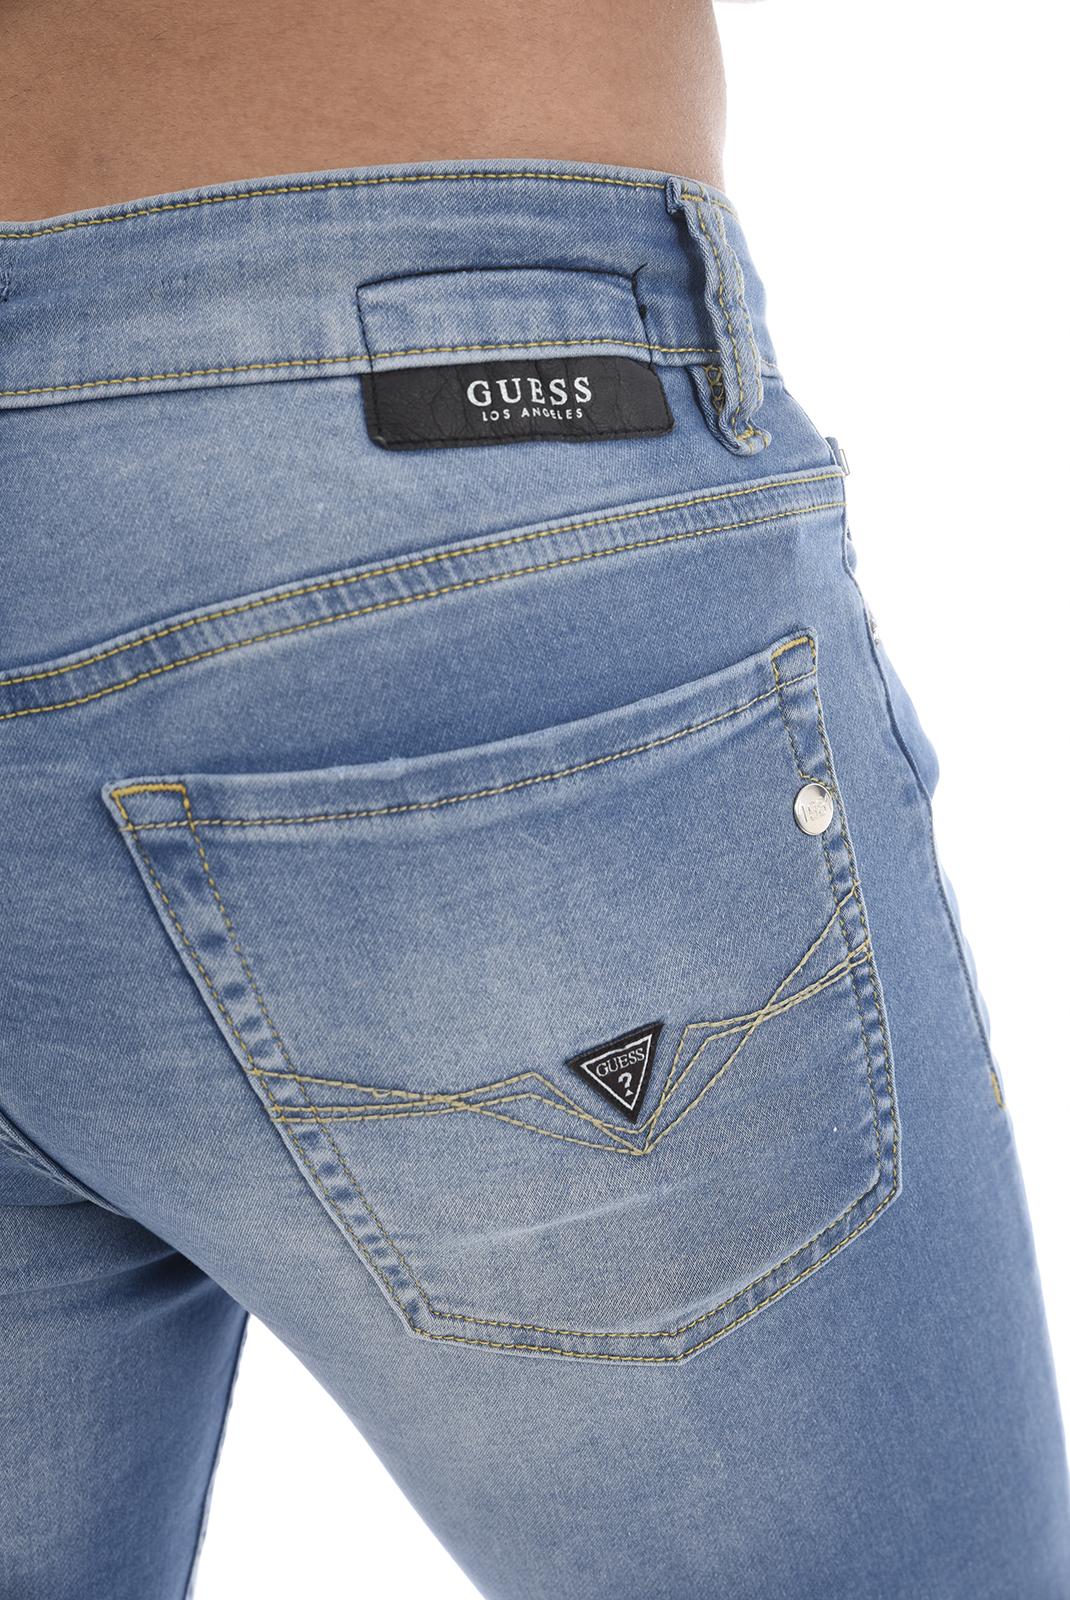 ajusté  Guess jeans M82A00 D32O0 angel BRAVER